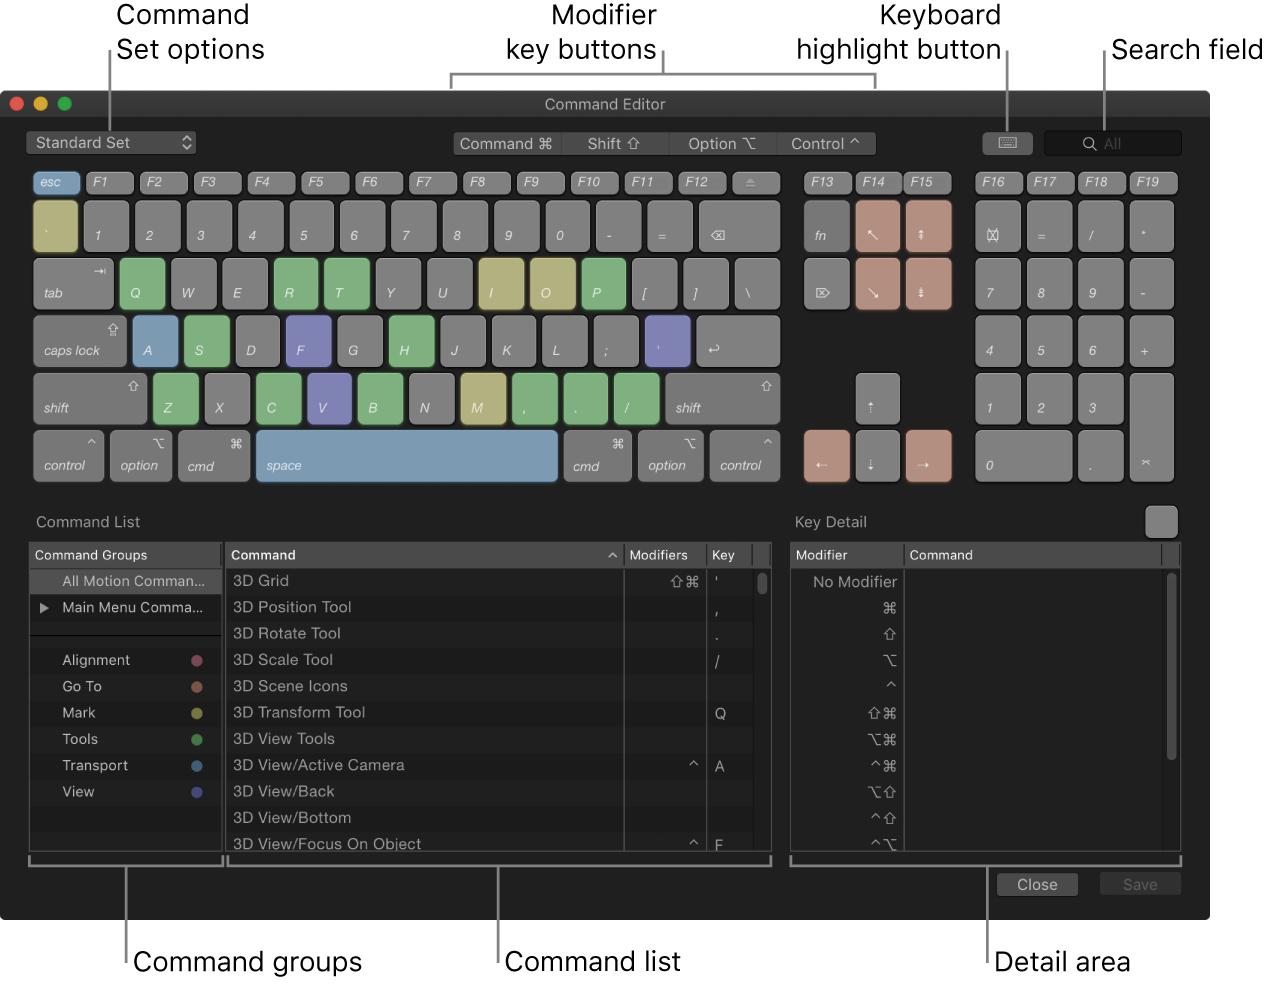 Editor de comandos con las opciones de ajustes de comandos, botones de teclas modificadoras, botón de resalte de teclado, campo de búsqueda, grupos de comandos, lista de comandos y área de detalles de teclas